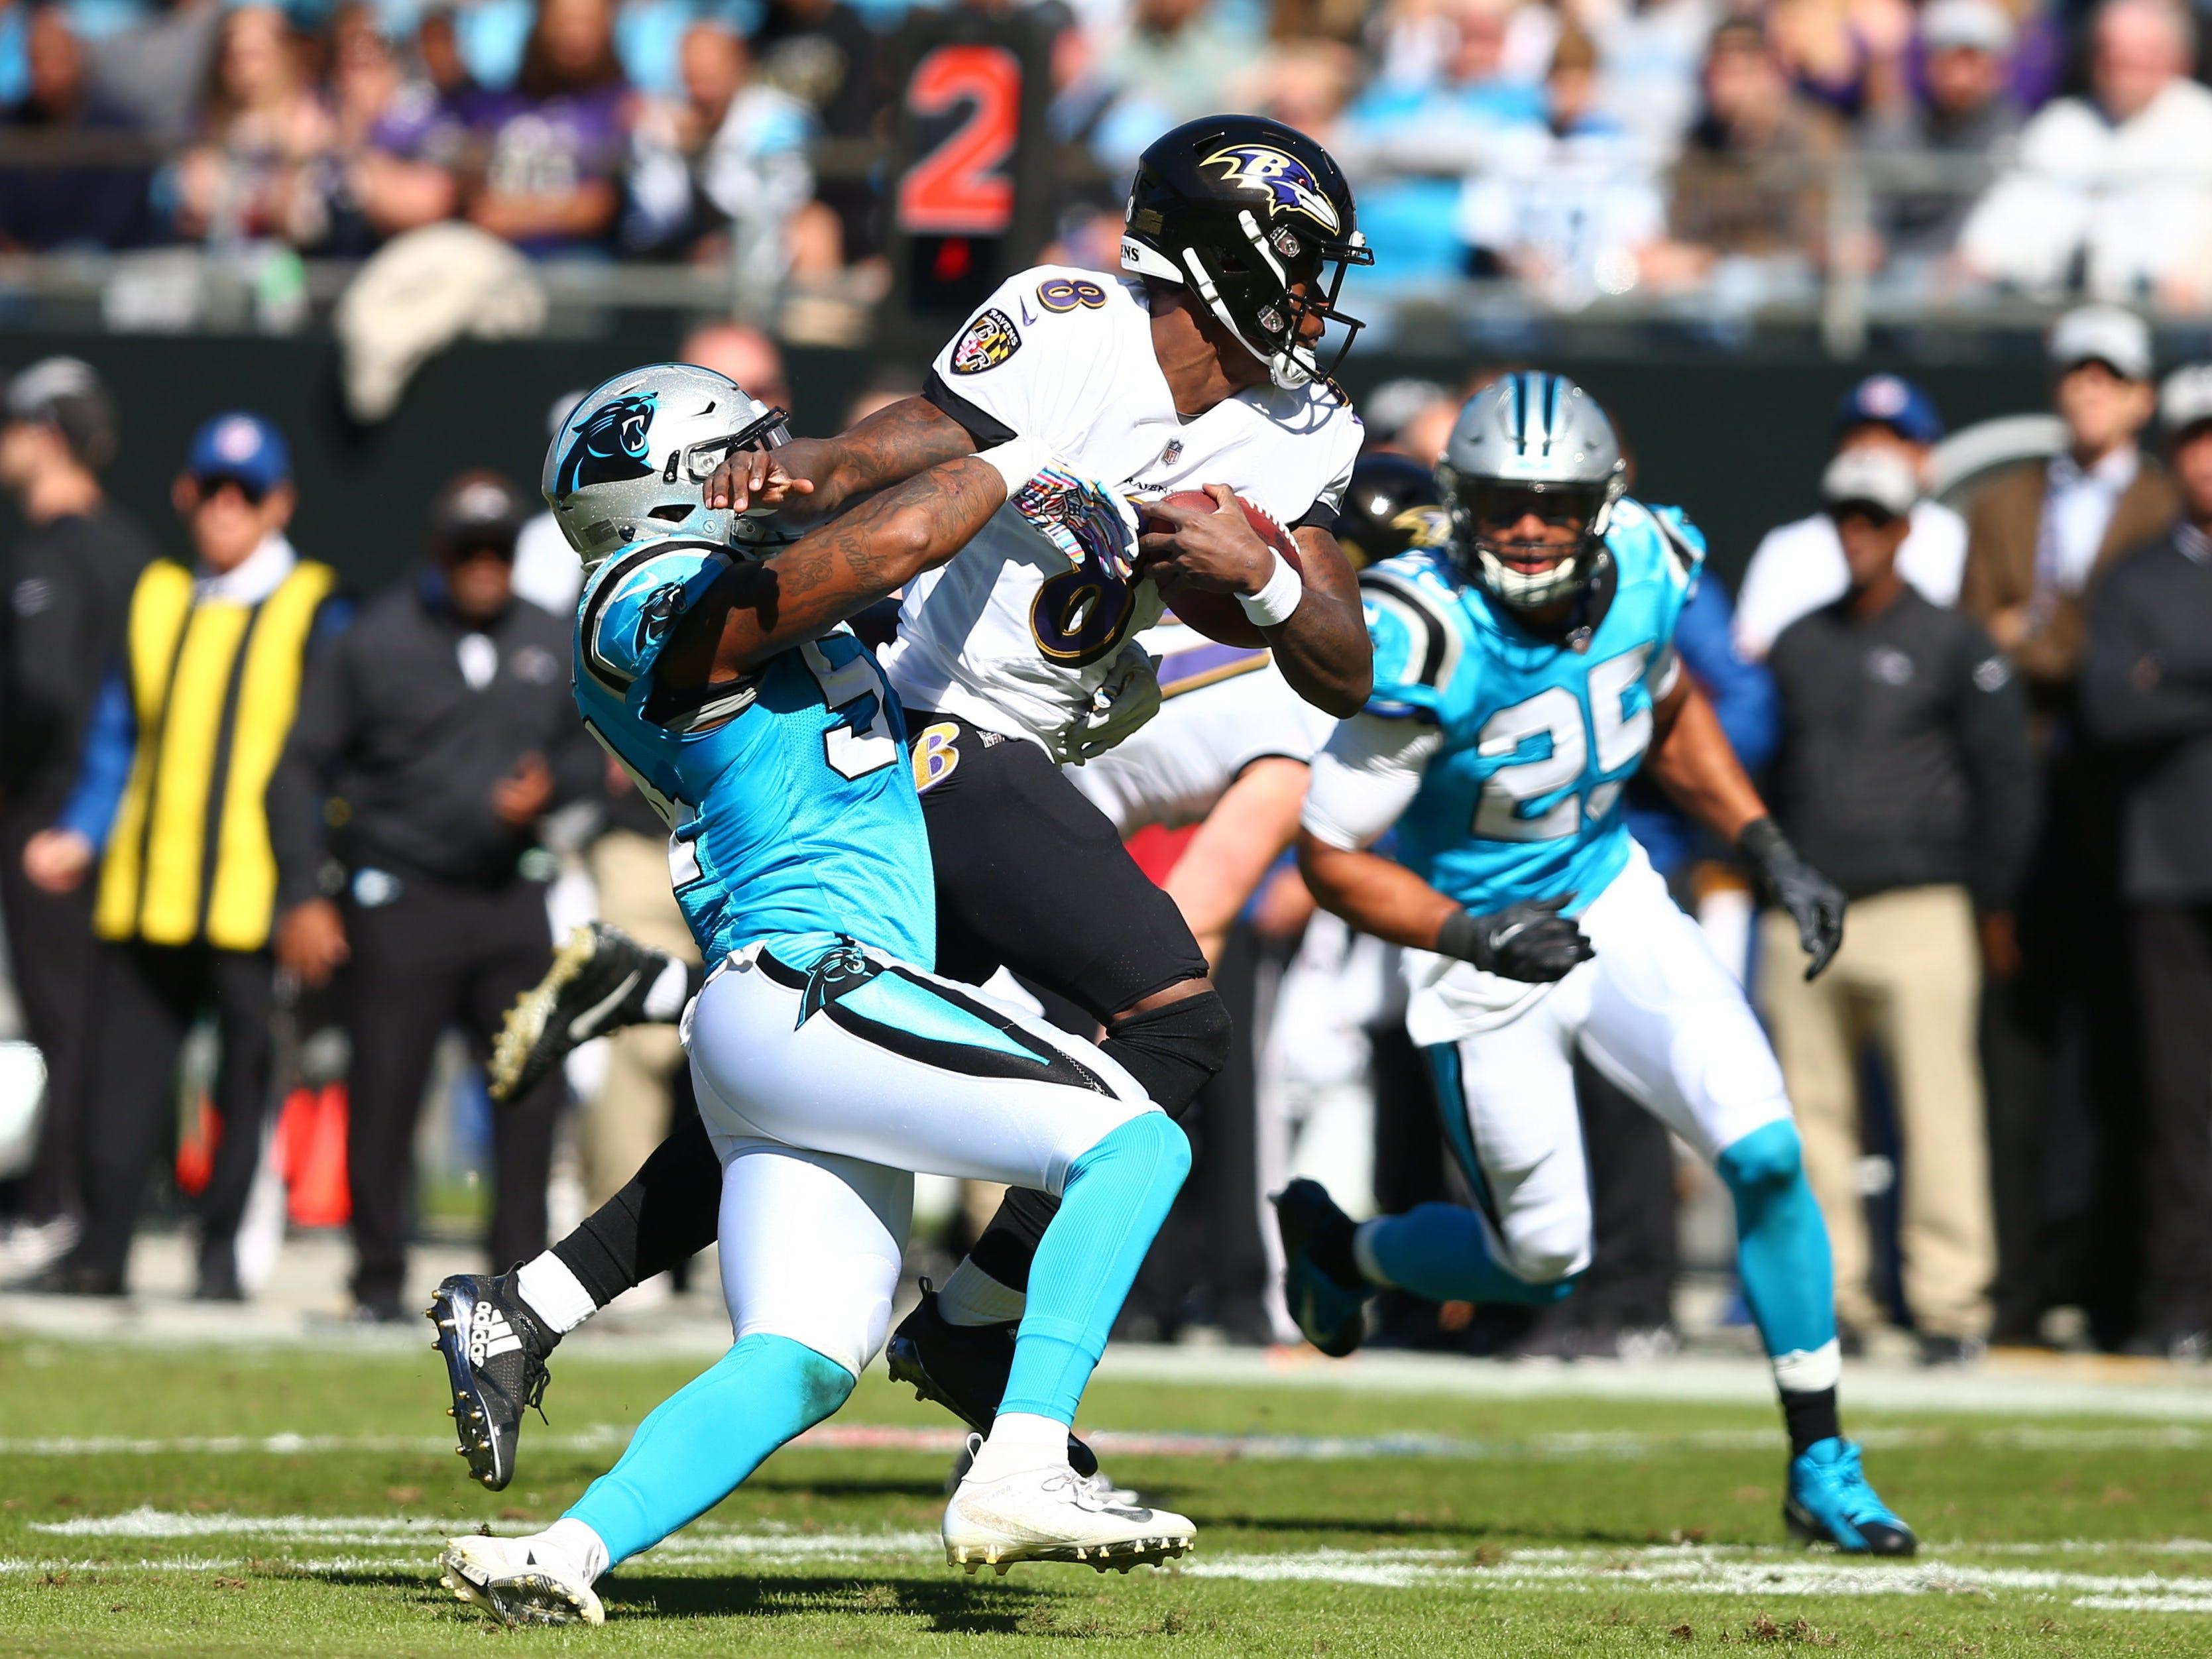 Carolina Panthers linebacker Shaq Green-Thompson (54) wraps up Baltimore Ravens QB Lamar Jackson during the first half at Bank of America Stadium.